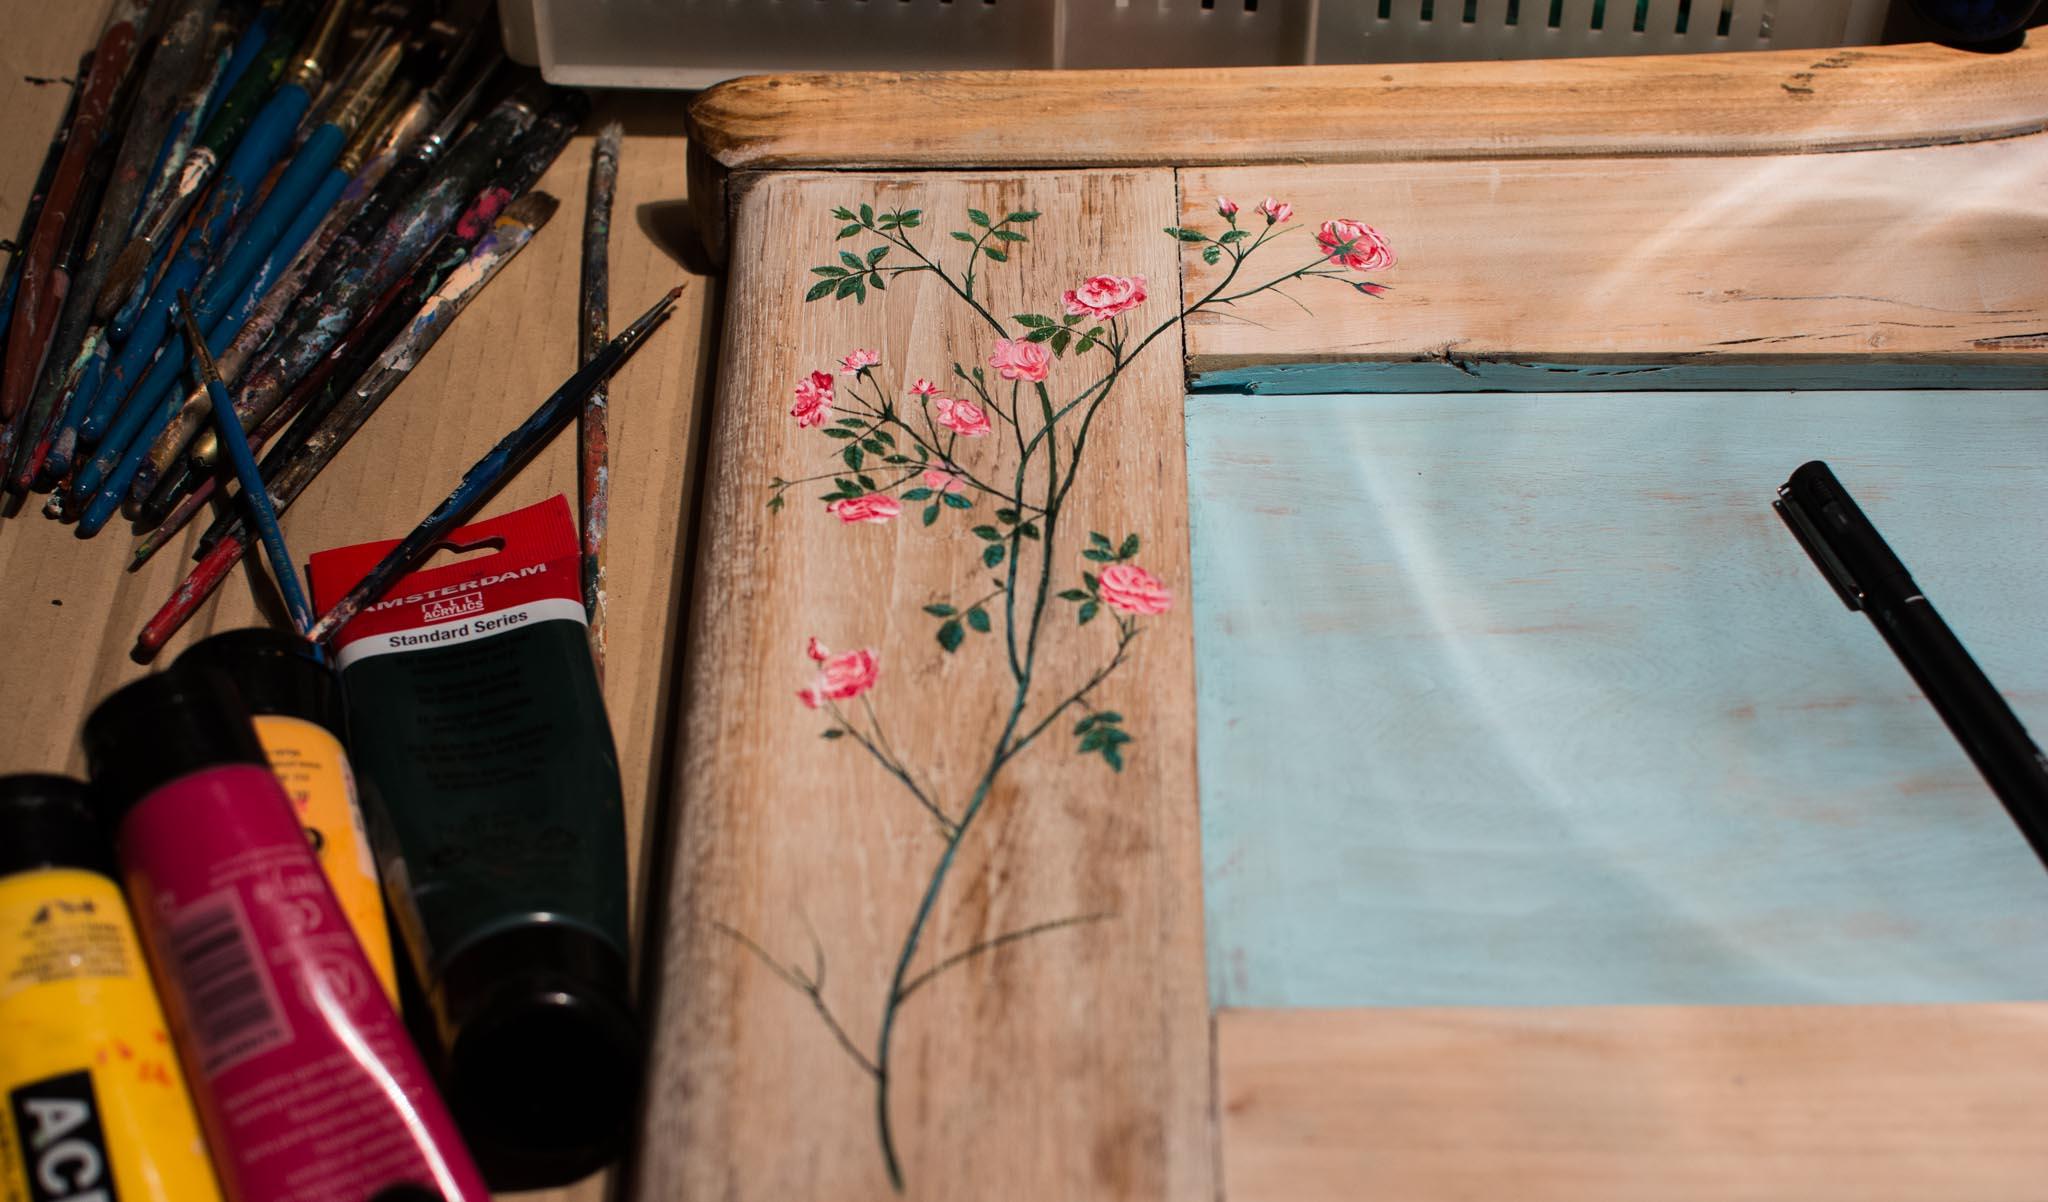 Meble Malowane Ręcznie - fragment starego drewnianego łóżka malowany w kwiaty